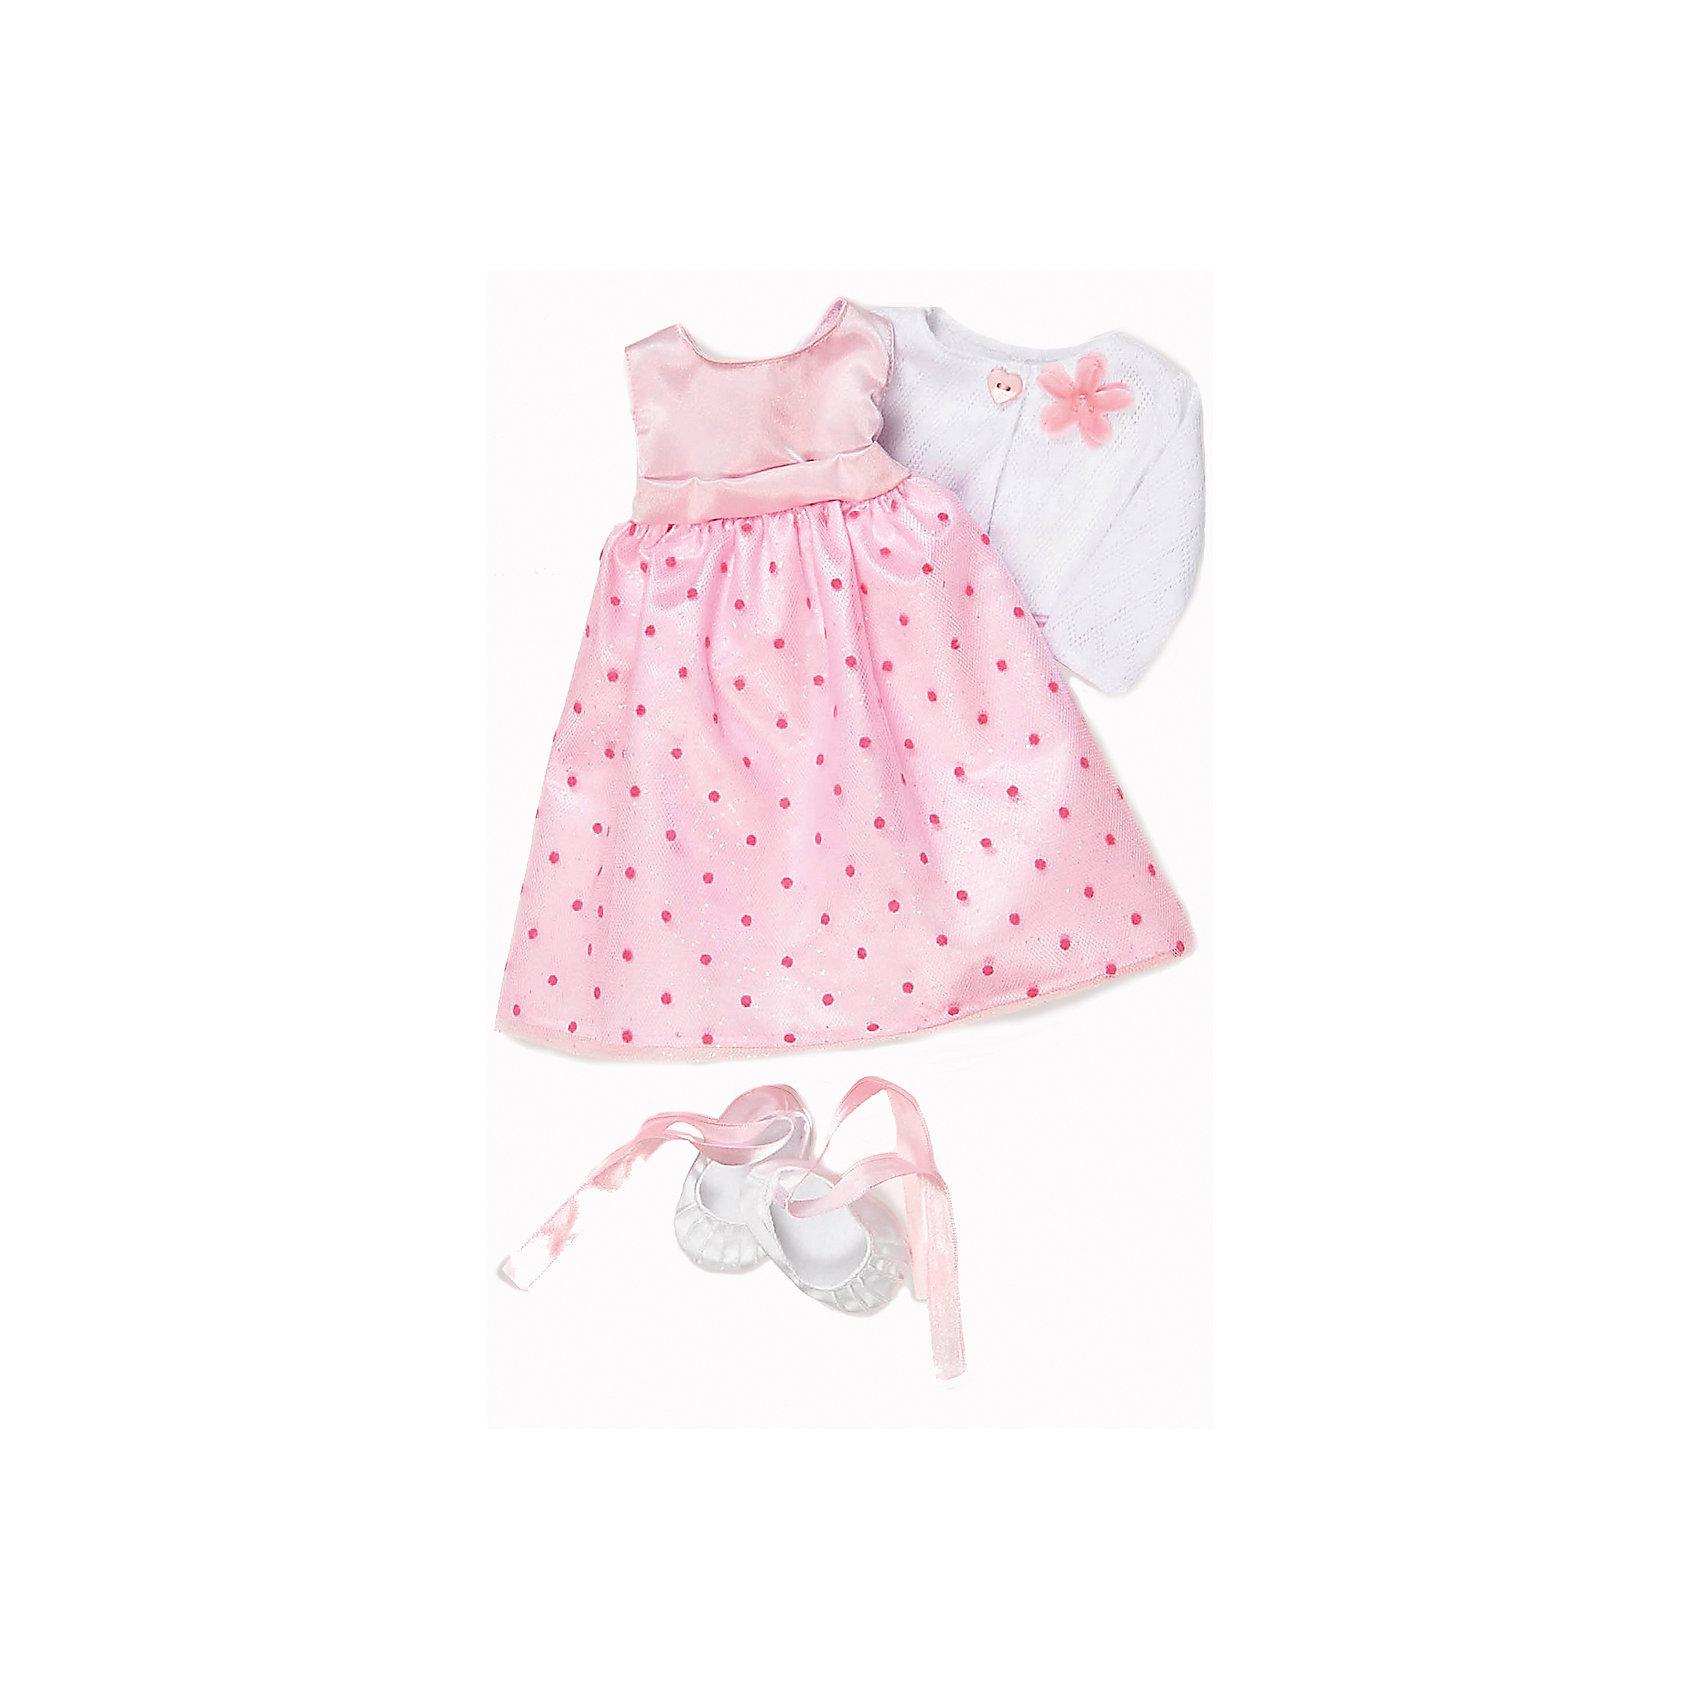 Одежда делюкс для куклы, 46 см, Our Generation DollsКуклы-модели<br>Одежда для куклы, 46 см, Our Generation Dolls (Куклы нашего поколения).  Our Generation Dolls (Куклы нашего поколения) ? канадская торговая марка компании Battat, которая выпускает экологически безопасных кукол и аксессуары к ним. Комплект праздничной одежды предназначен для куклы одноименной марки ростом 46 см, состоит из нежного розового платья в горошек, белой кофточки, застегивающейся на пуговицы, на боковой полочке имеется брошь и балеток на завязках. На одежде с левой стороны имеются фирменные лейблы. Весь комплект выполнен из материалов высокого качества, с ровными тщательно обработанными краями.<br>Реалистичность элементов одежды позволяет отработать навыки застегивания-расстегивания разного вида застежек.<br>Одежда для куклы, 46 см, Our Generation Dolls (Куклы нашего поколения) ? идеальное решение для подарка девочке на любой праздник. Комплект одежды упакован в картонную коробку, которая трансформируется в подарочный вариант.<br><br>Дополнительная информация:<br><br>- Вид игр: сюжетно-ролевые<br>- Предназначение: для дома<br>- Материал: качественный текстиль<br>- Размер: на куклу Our Generation Dolls ростом 46 см<br>- Комплектация: платье, кофточка, балетки<br>- Цвет: розовый, белый<br>- Особенности ухода: разрешается ручная стирка<br><br>Подробнее:<br><br>• Для детей в возрасте: от 3 лет<br>• Страна производитель: Китай<br>• Торговый бренд: Our Generation Dolls<br><br>Одежду для куклы, 46 см, Our Generation Dolls (Куклы нашего поколения) можно купить в нашем интернет-магазине.<br><br>Ширина мм: 23<br>Глубина мм: 4<br>Высота мм: 36<br>Вес г: 230<br>Возраст от месяцев: 36<br>Возраст до месяцев: 2147483647<br>Пол: Унисекс<br>Возраст: Детский<br>SKU: 4871822